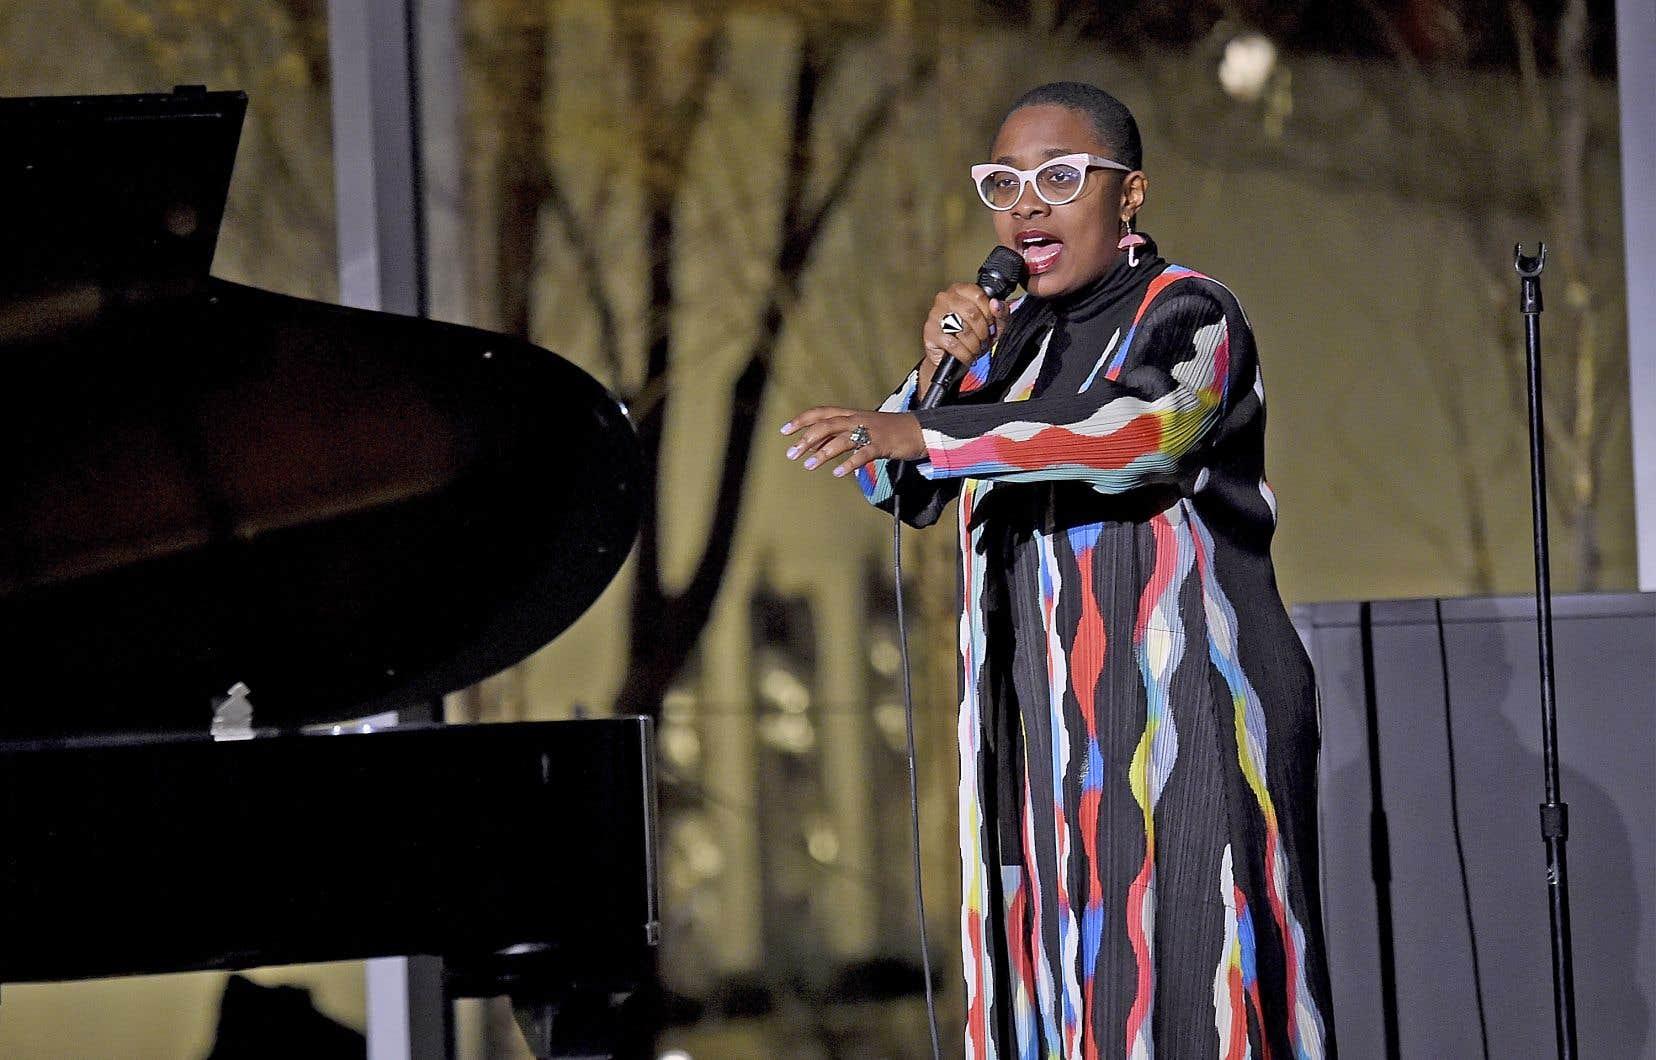 Cécile McLorin Salvant a été nommée artiste et chanteuse de l'année par le magazine «Down Beat», une consécration dans le milieu du jazz.